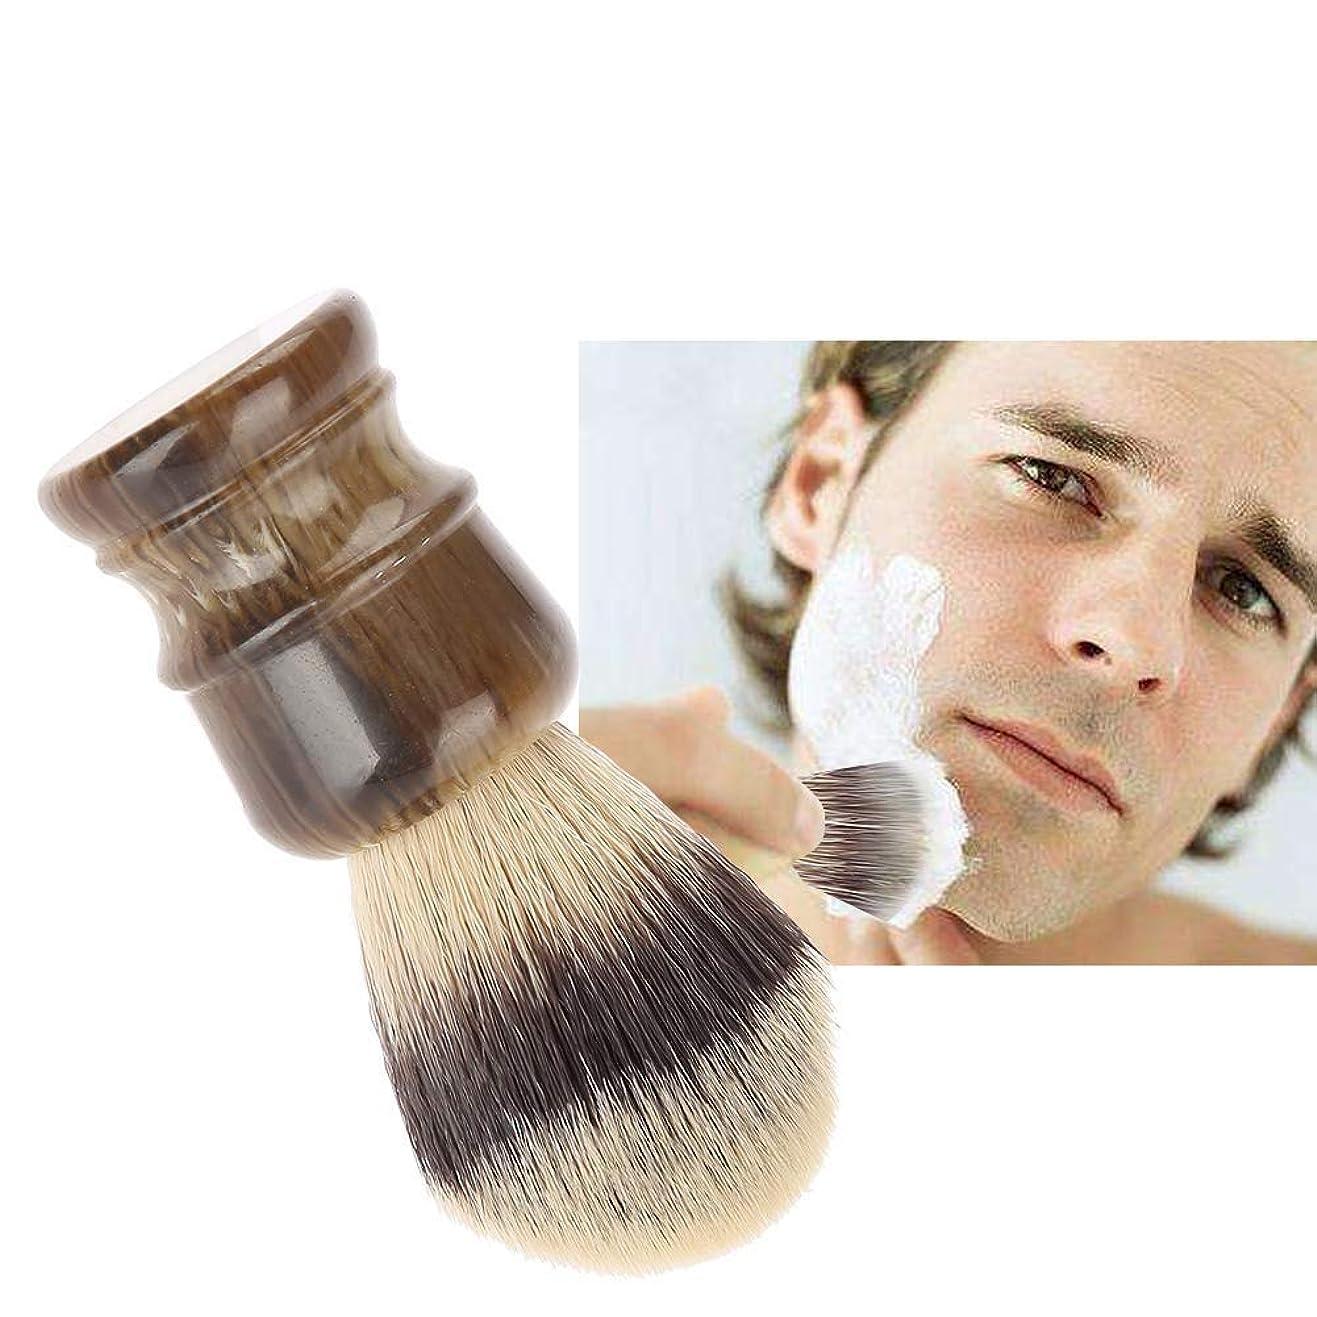 茎魅惑する怖がって死ぬシェービングブラシ 髭剃りブラシ 木材ハンドル+ナイロン毛 泡立て ひげ剃りツール メンズ理容ブラシ